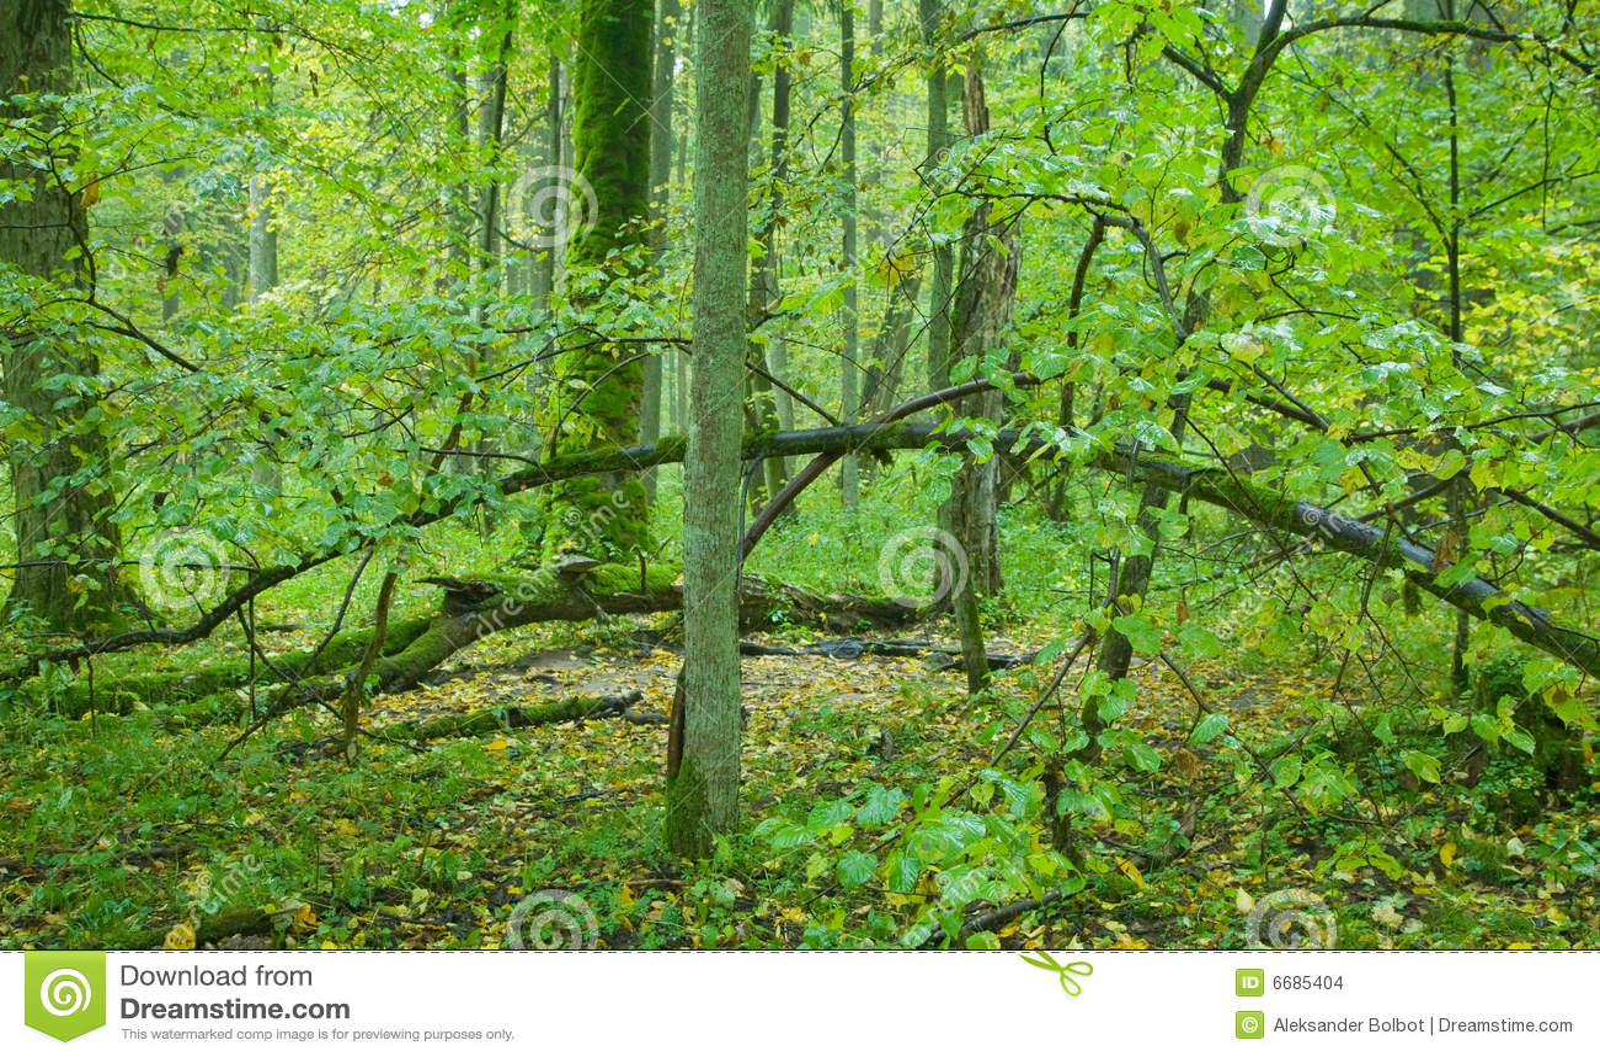 Vieille for t feuilles caduques avec l 39 arbre de tilleul - Arbres a feuilles caduques ...